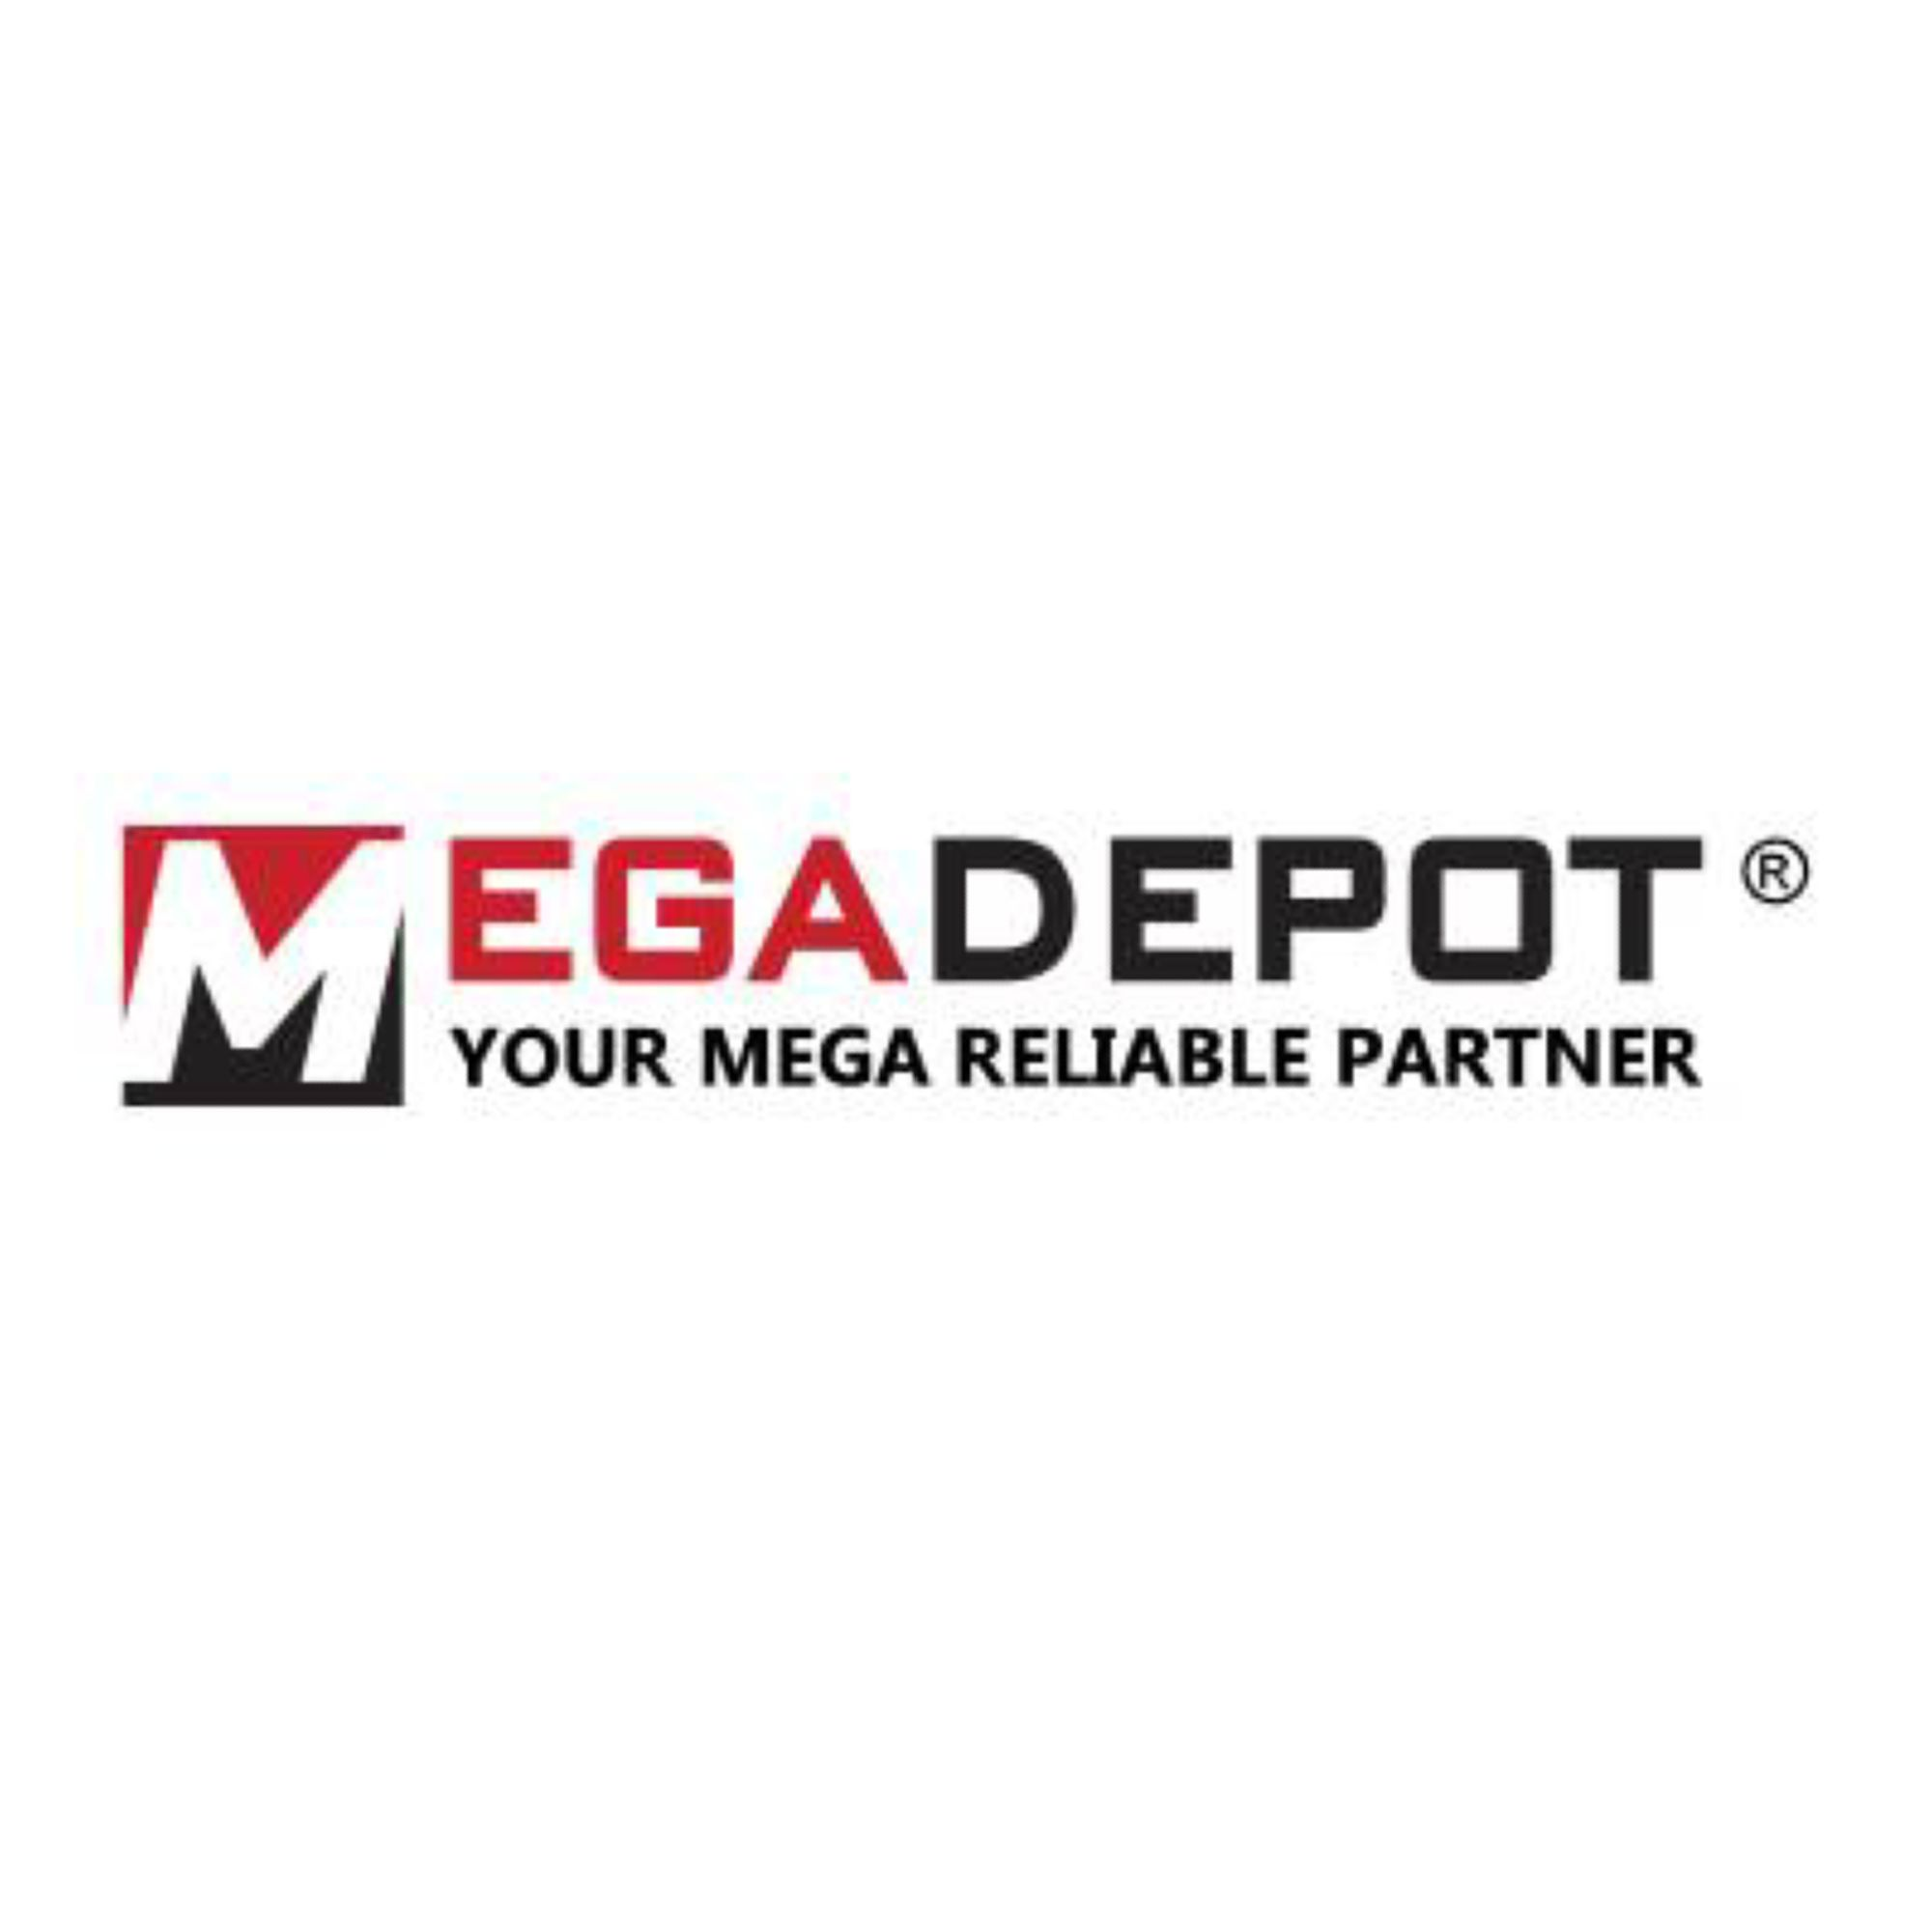 mega-depot-logo.jpg